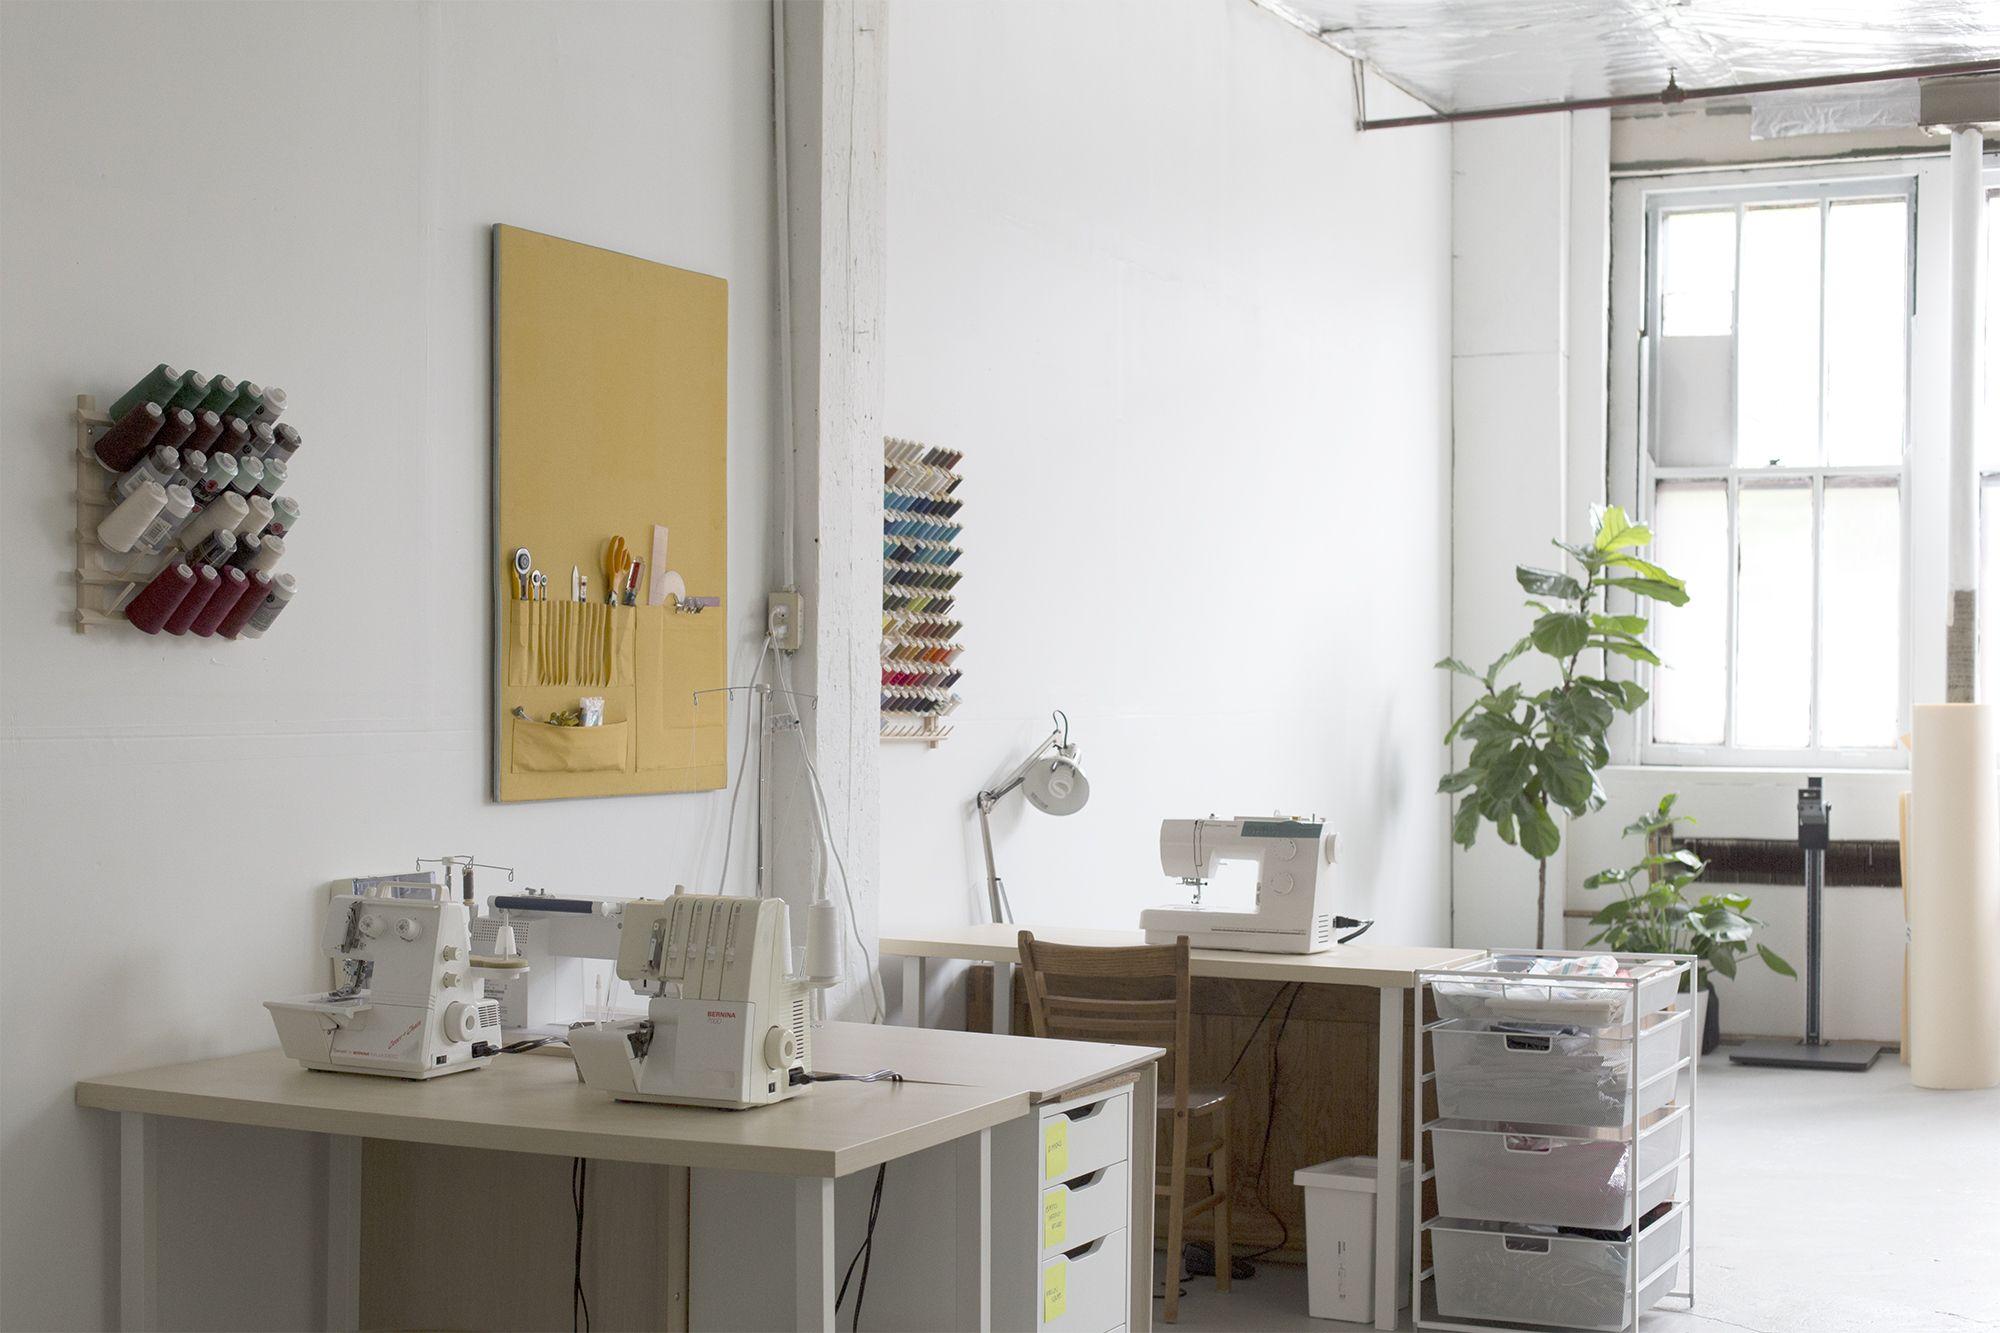 New Studio Workspace   Grainline Studio